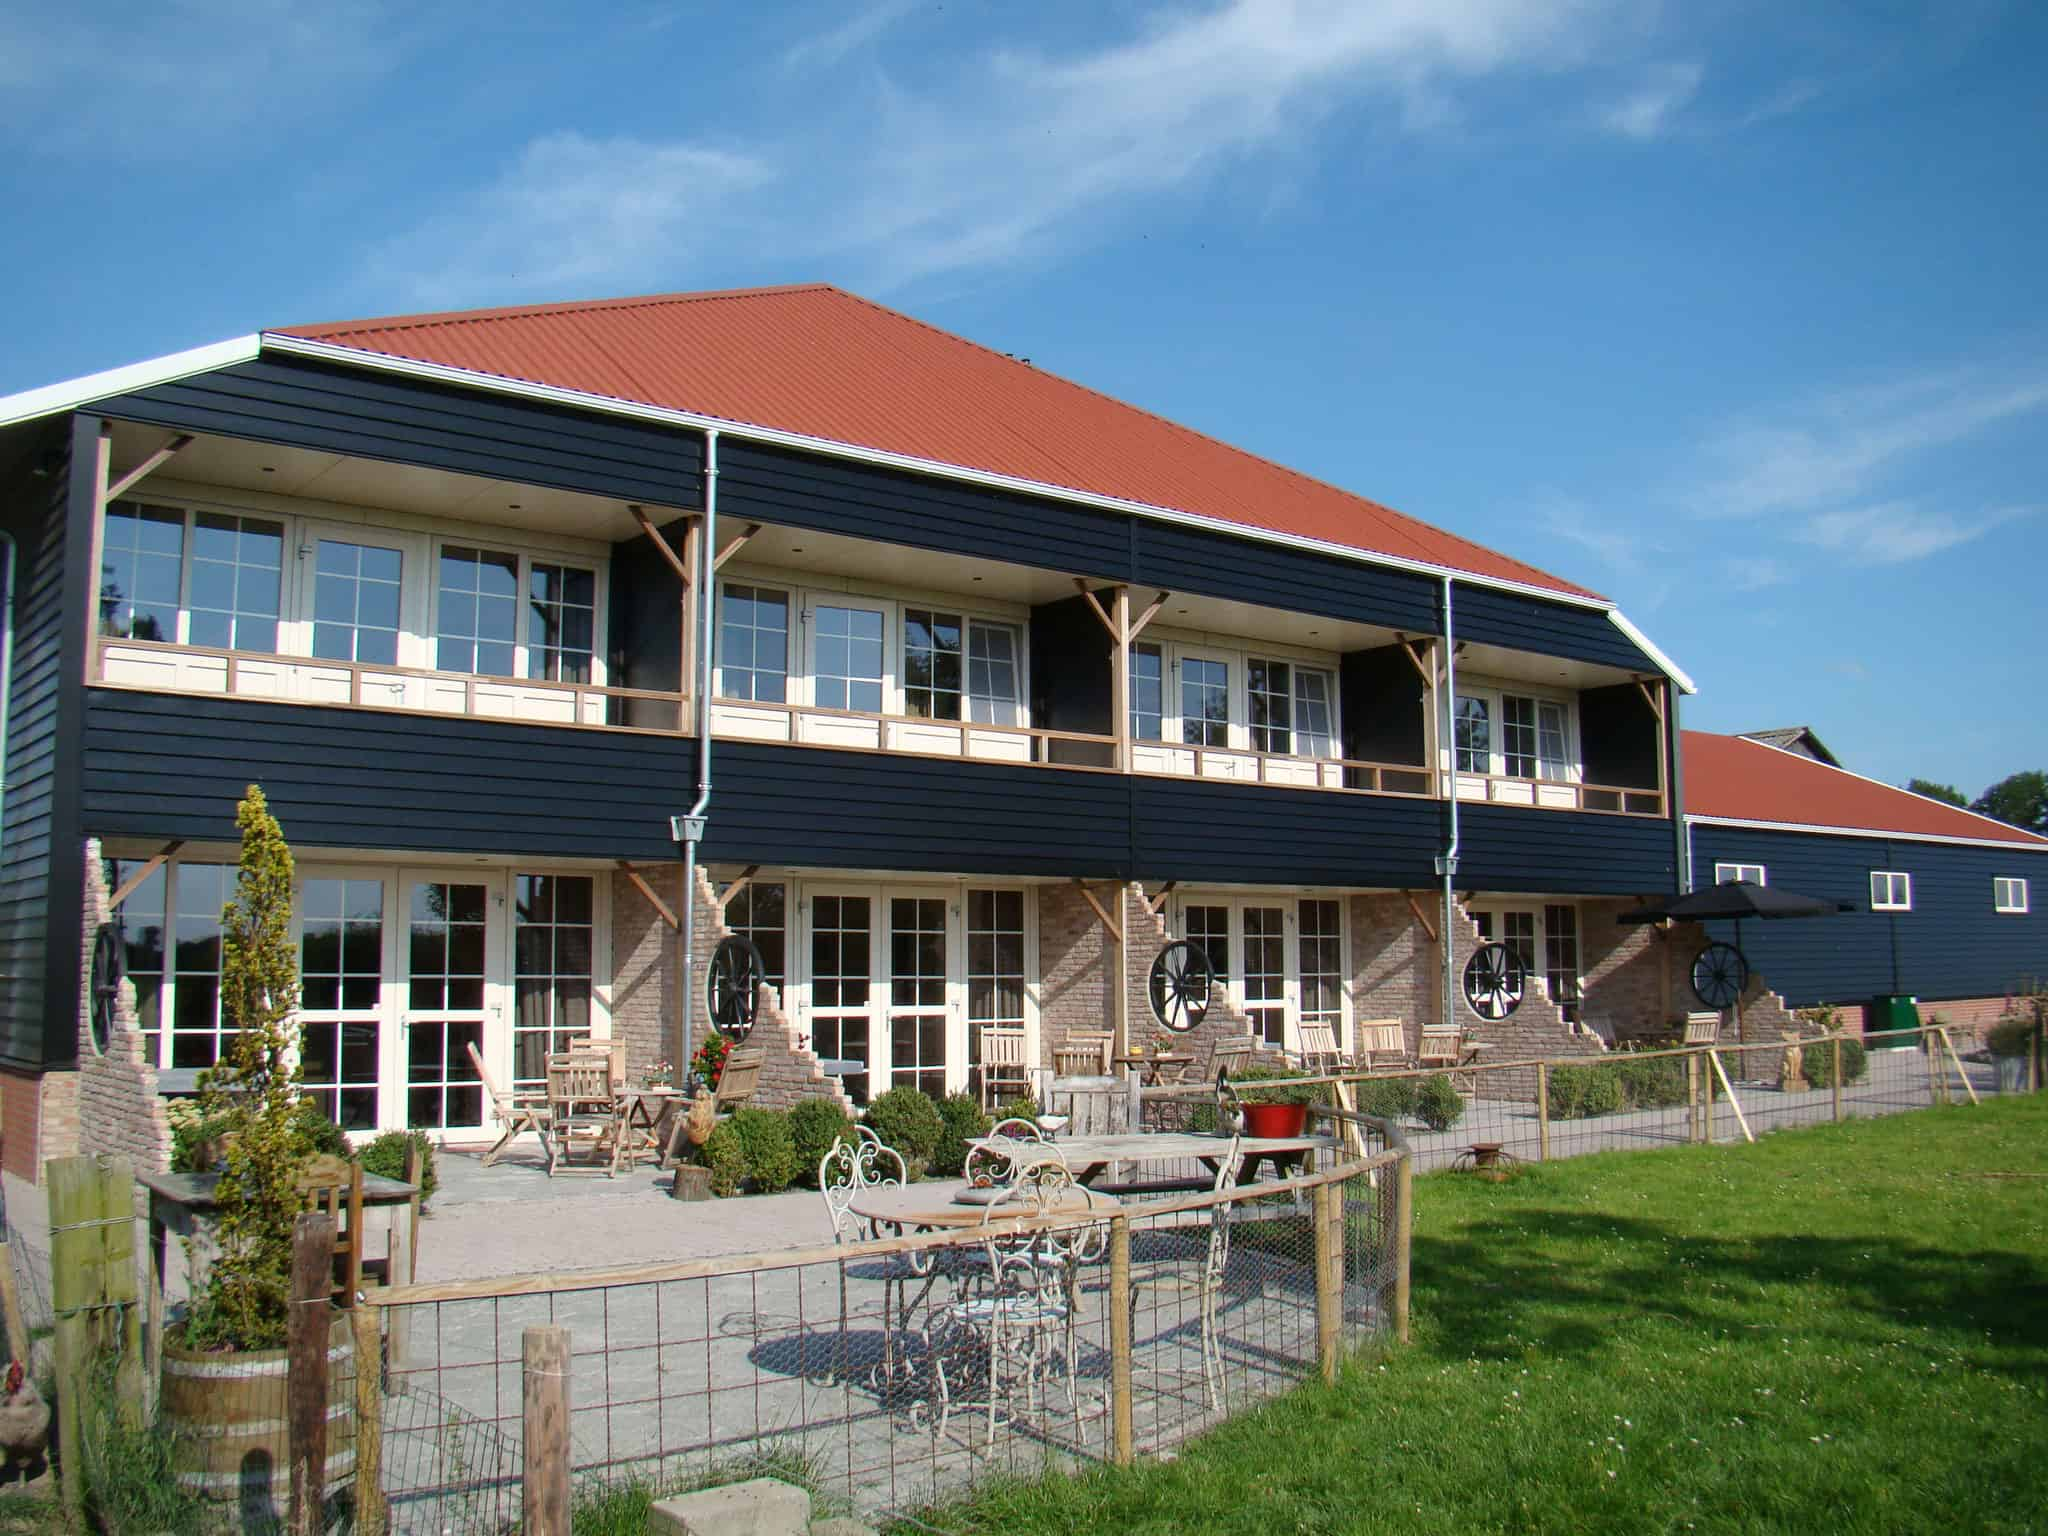 Vakantie-appartementen Crea-Trends in Retranchement, Zeeland